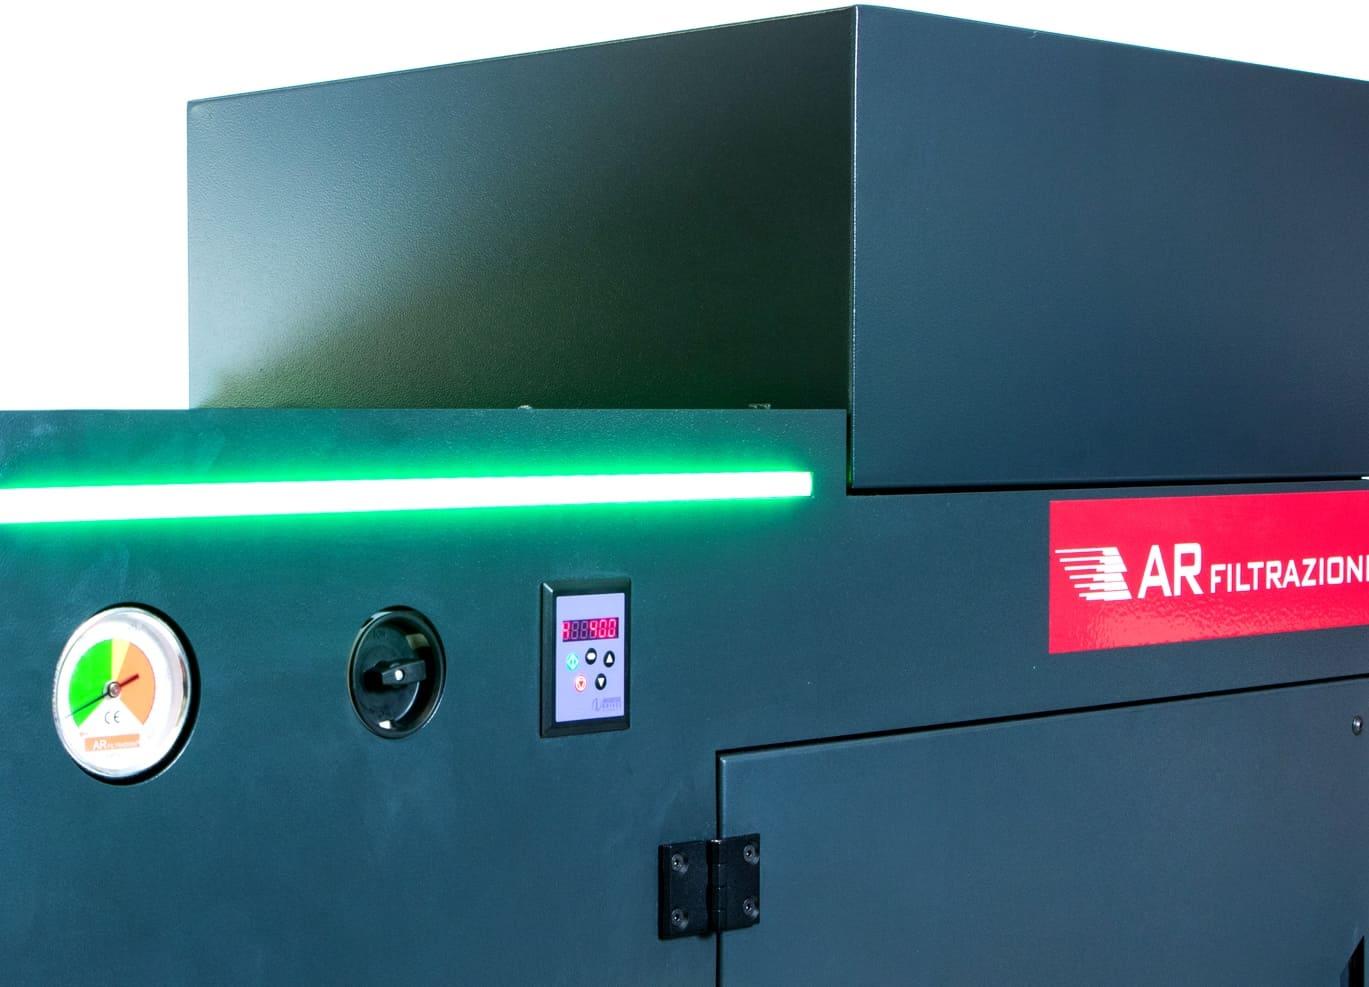 ar-filtrazioni-mission-tecnologia-ricerca-sviluppo-depurazione-nebbie-olio-inquinanti